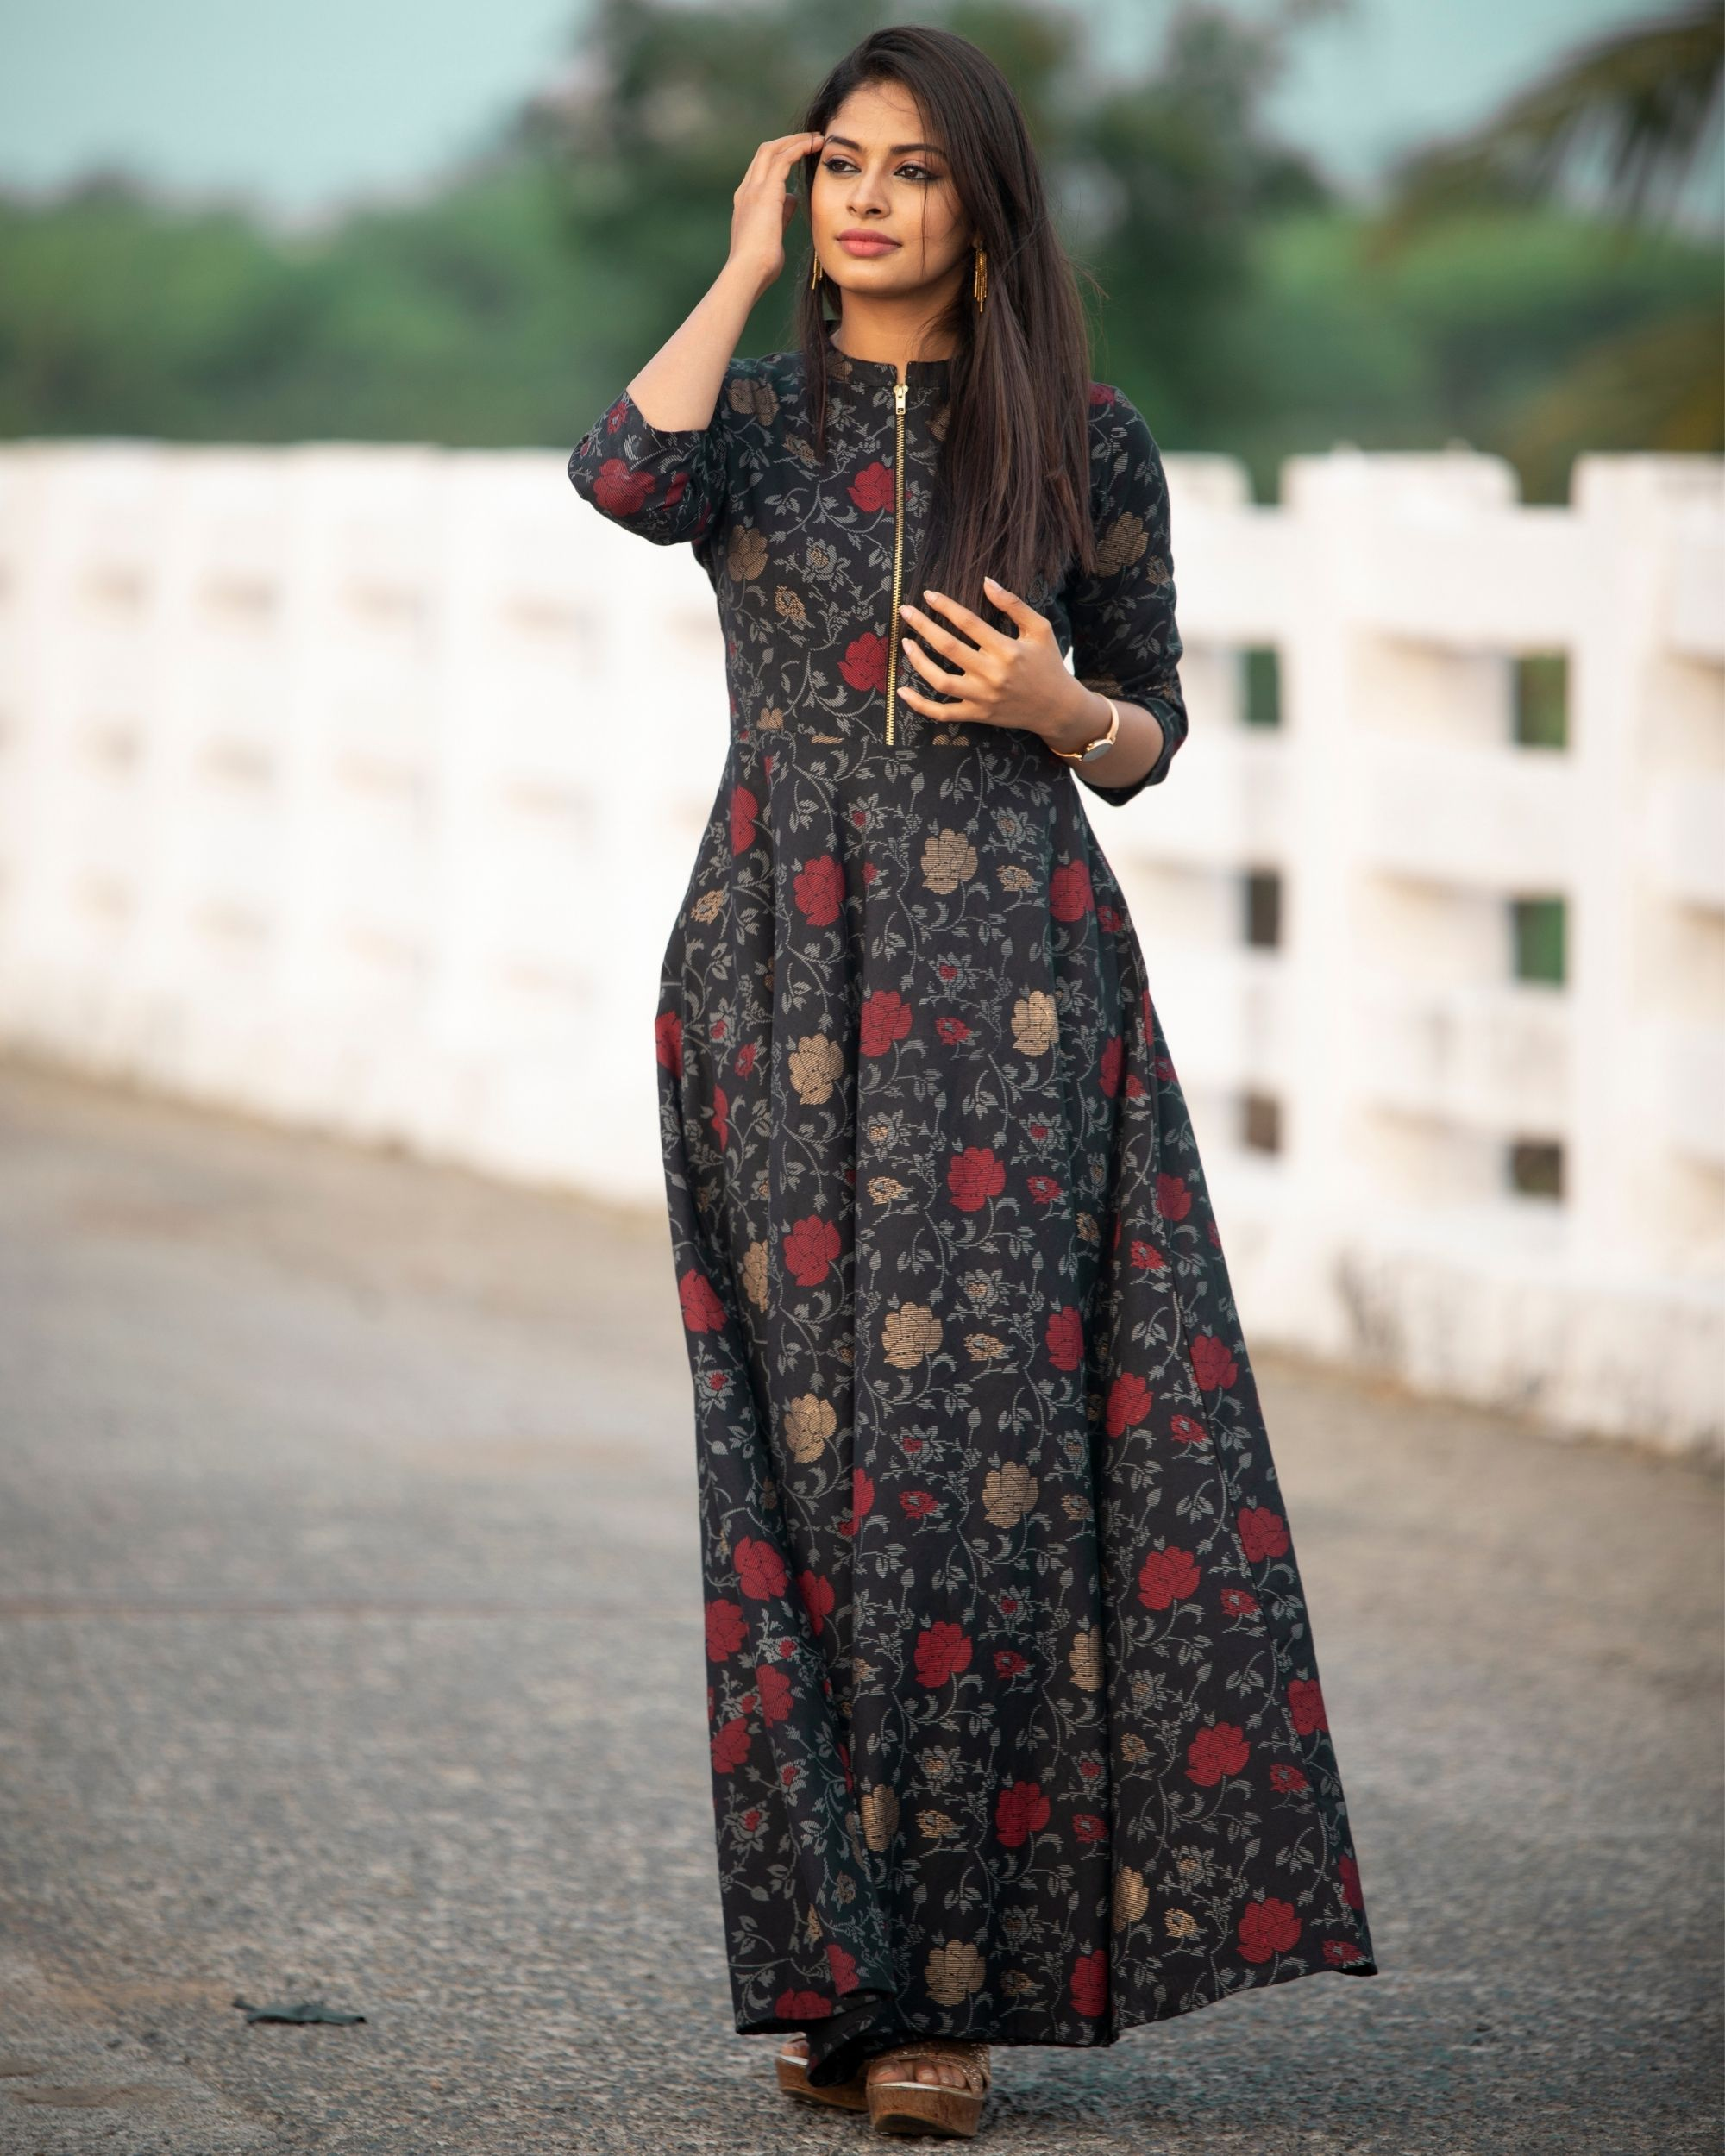 Black rose zipper dress